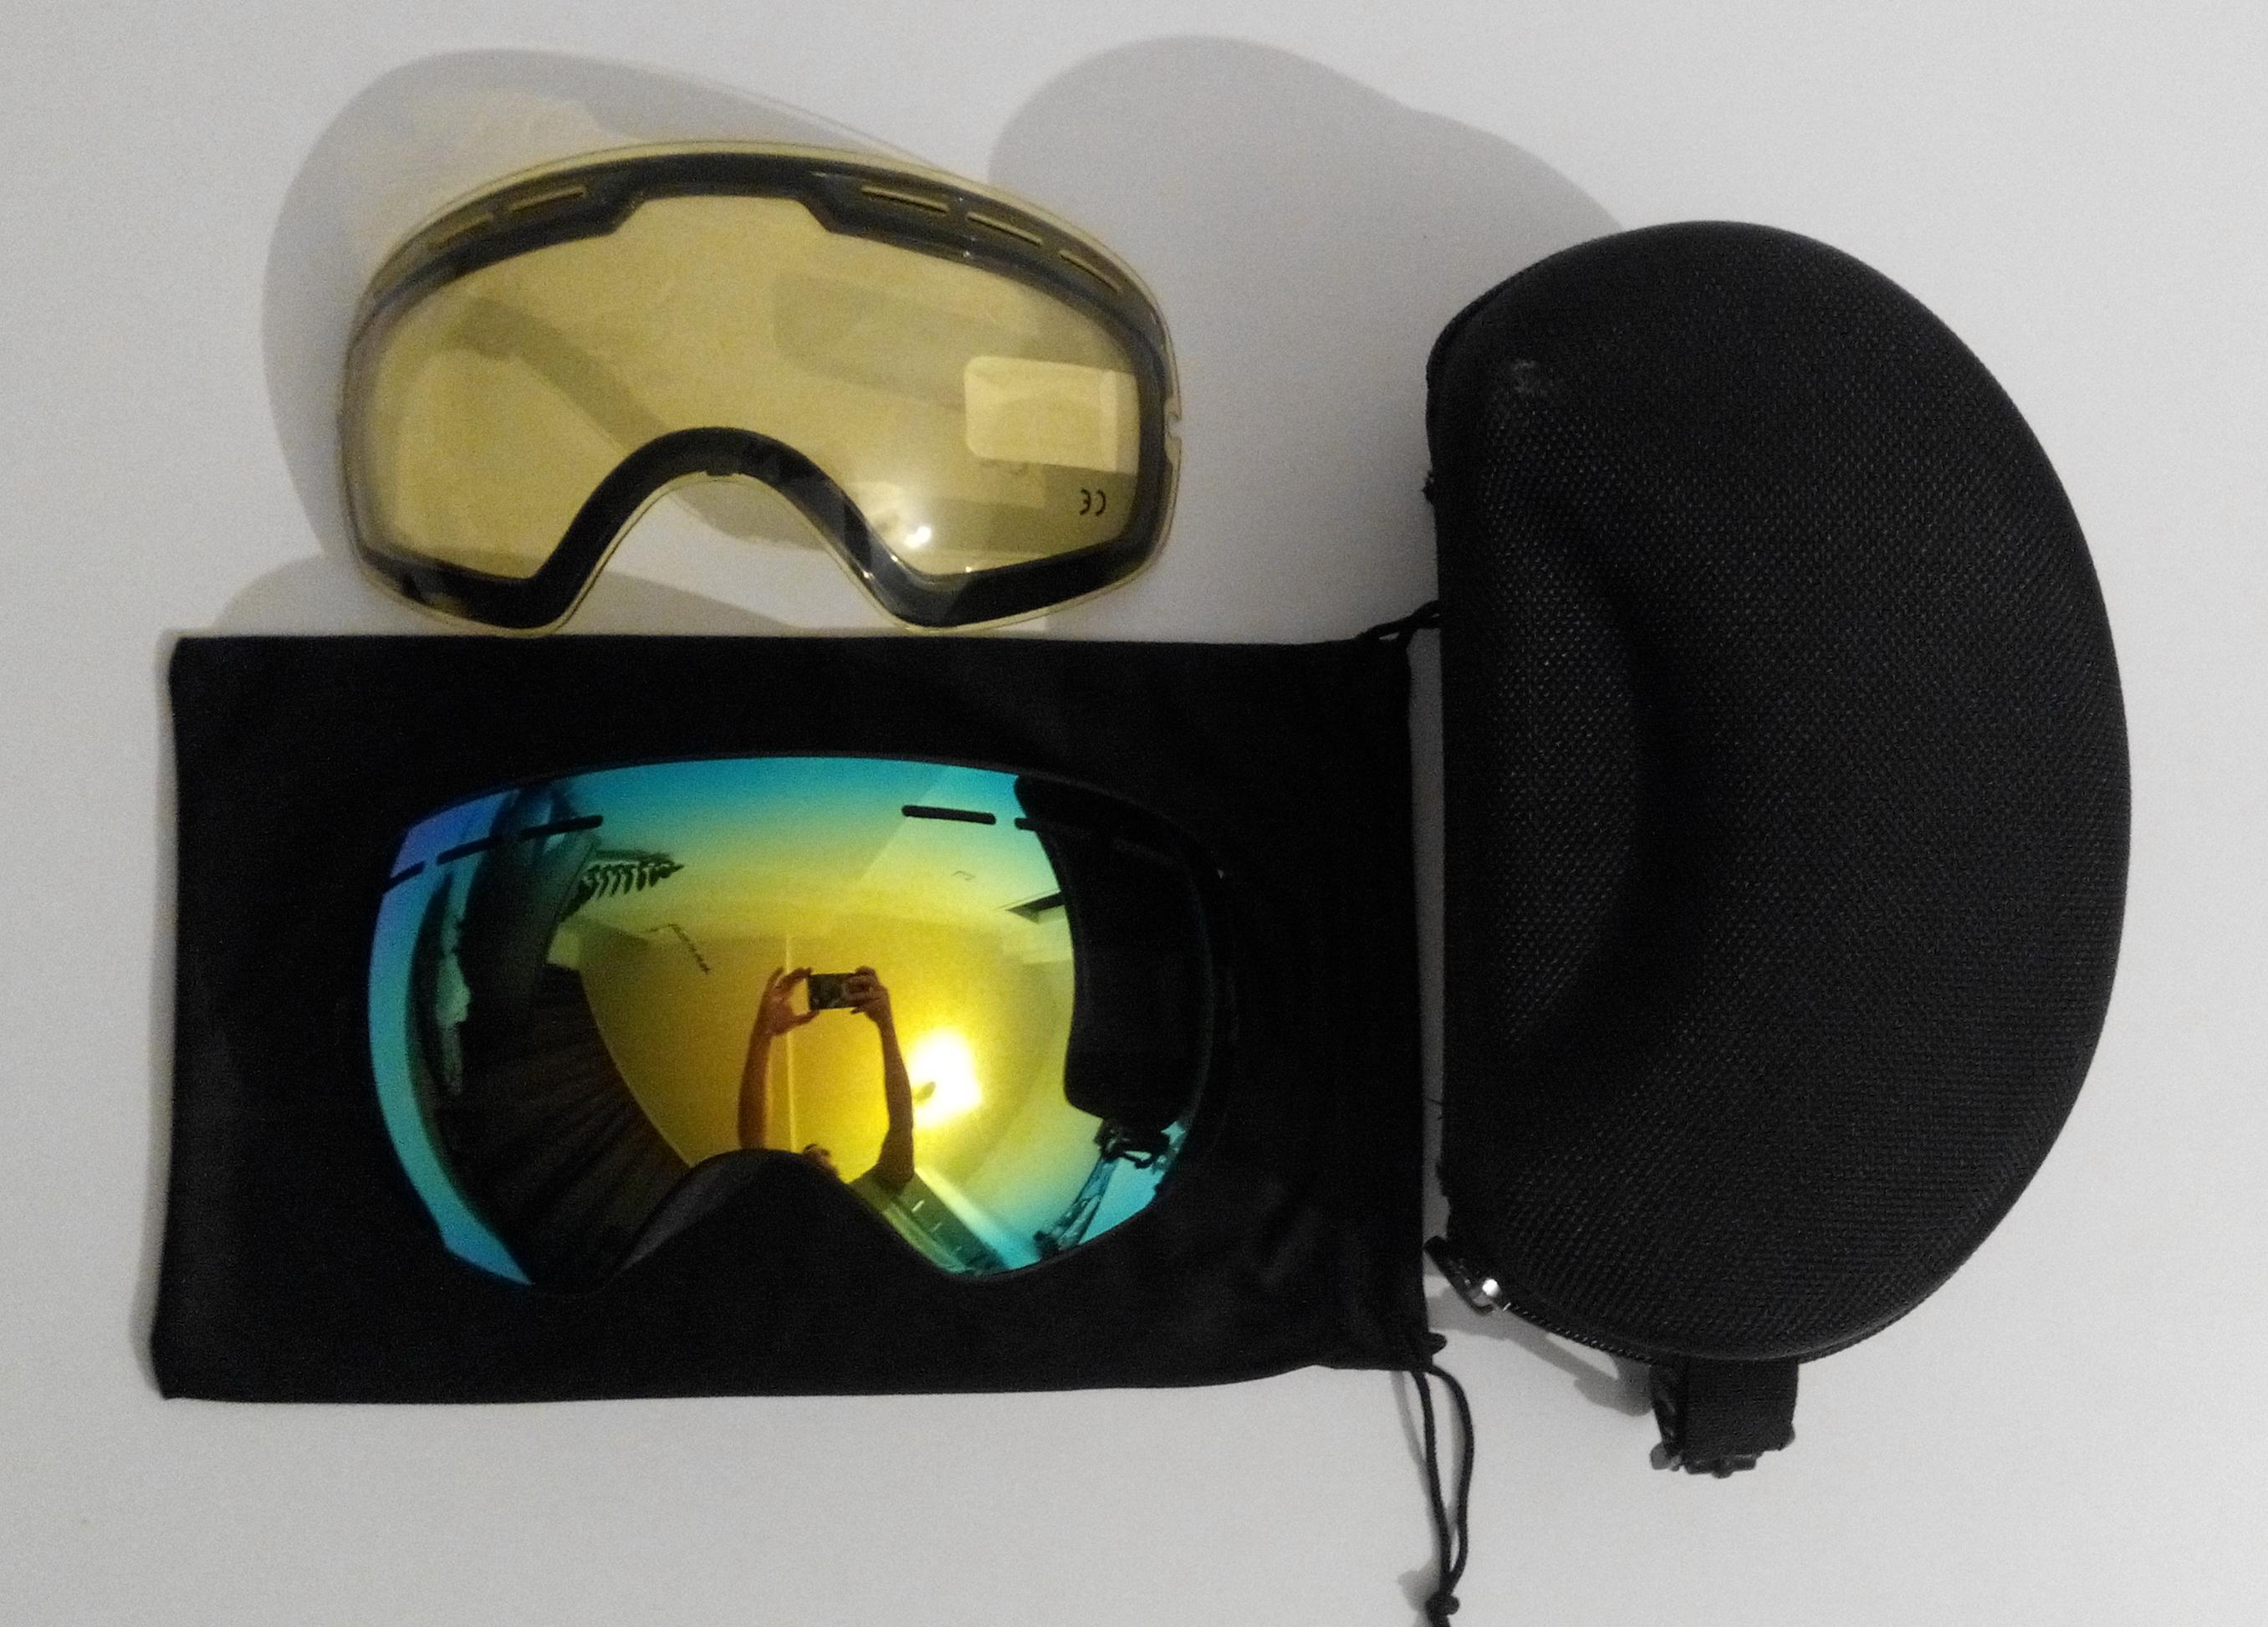 Aliexpress: Сферическая сноубордическая маска + дополнительная линза + твердый чехол